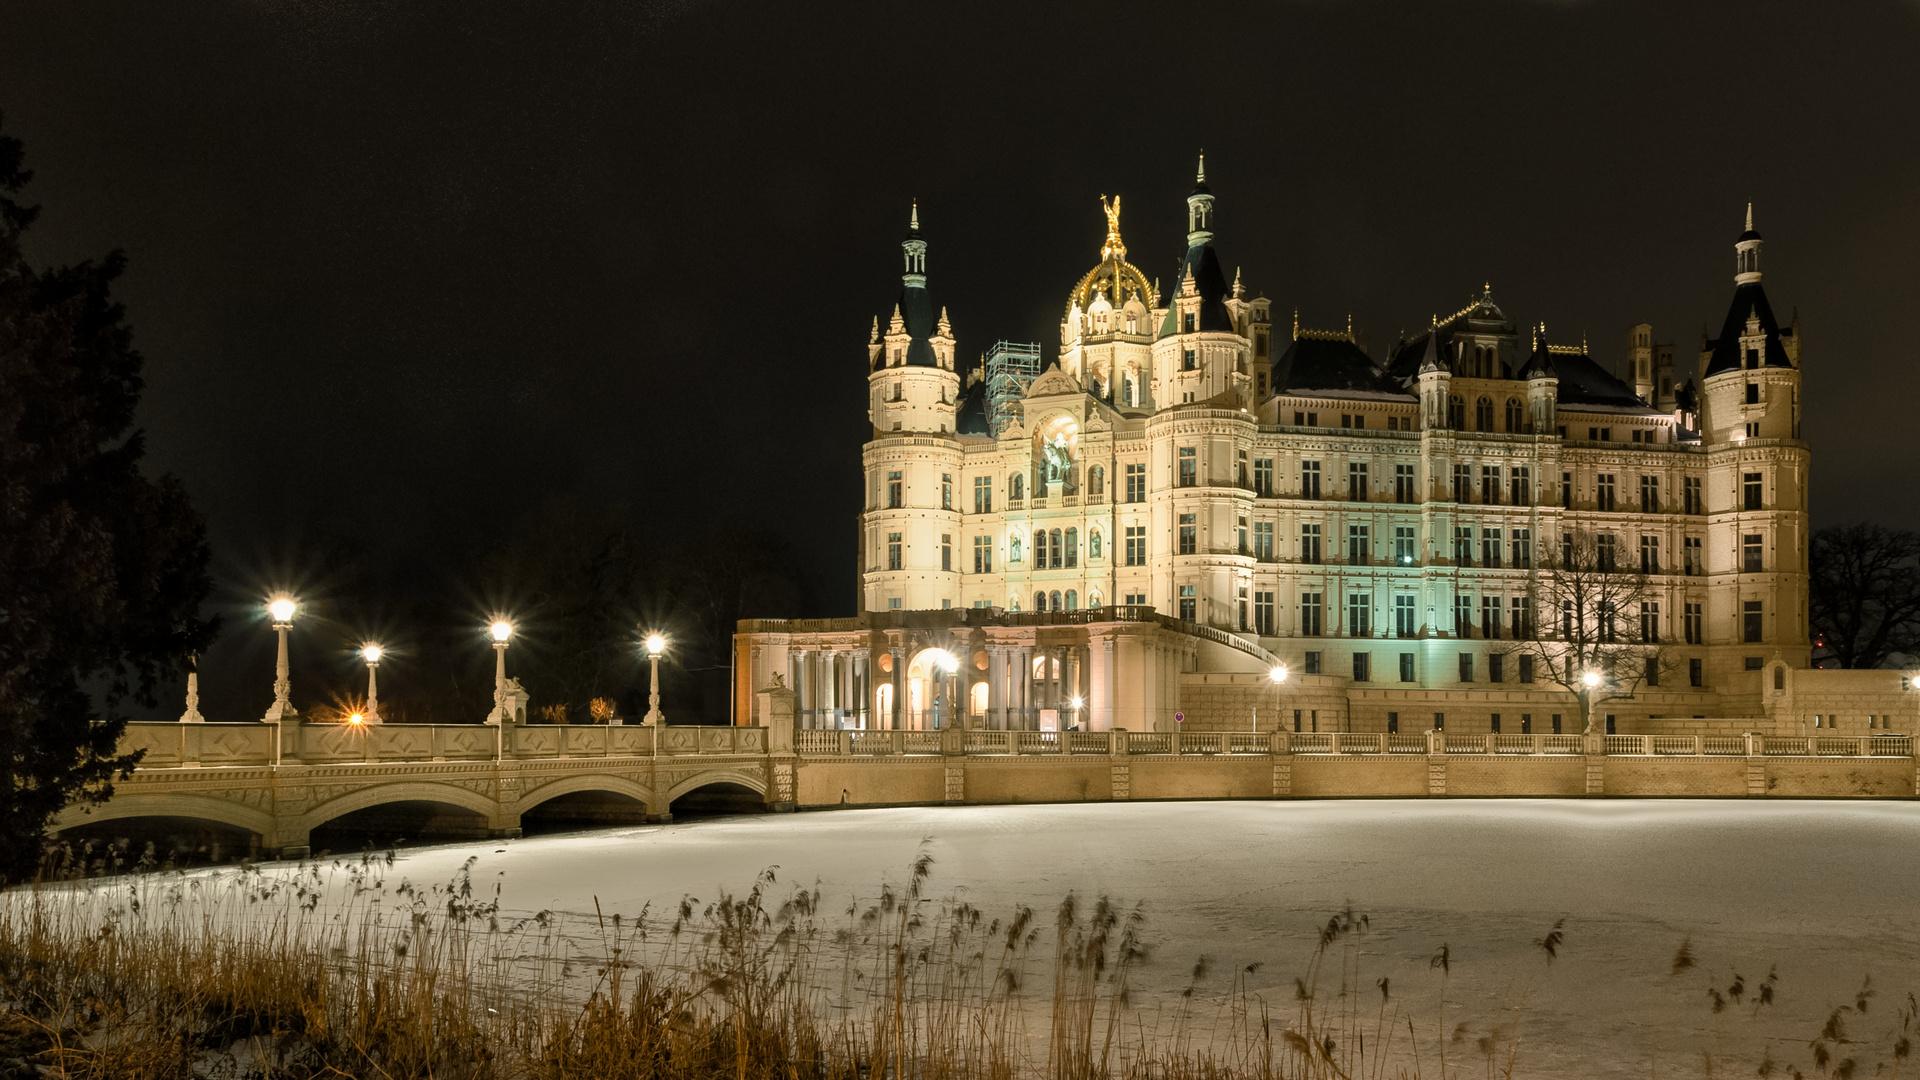 Schweriner Schloß noch schöner bei Nacht *RELOADED*